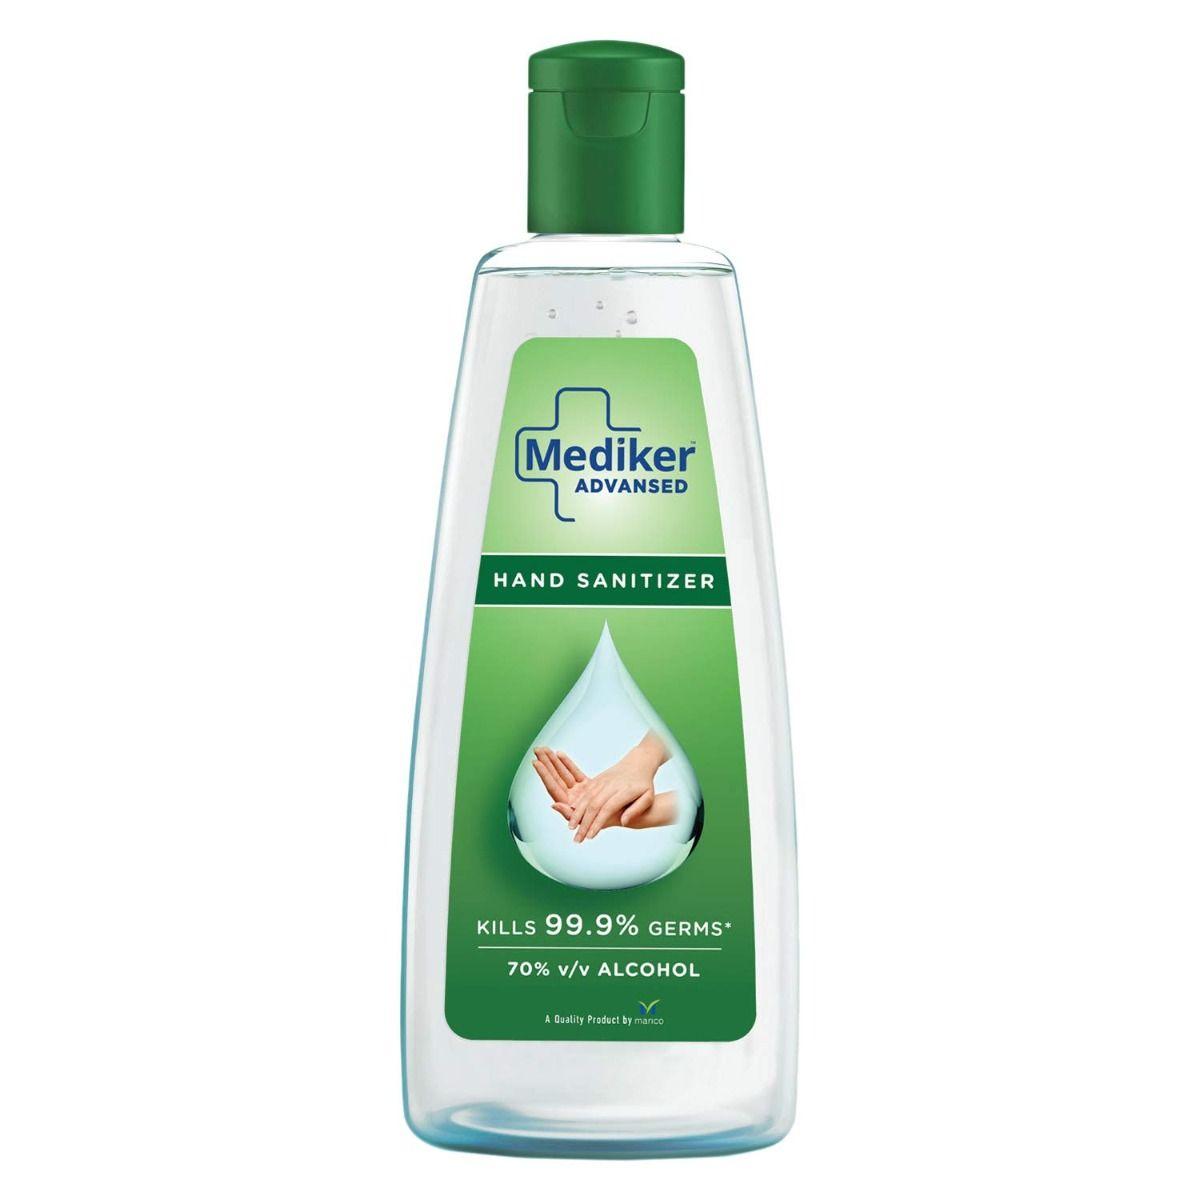 Mediker Advansed Hand Sanitizer, 34 ml, Pack of 1